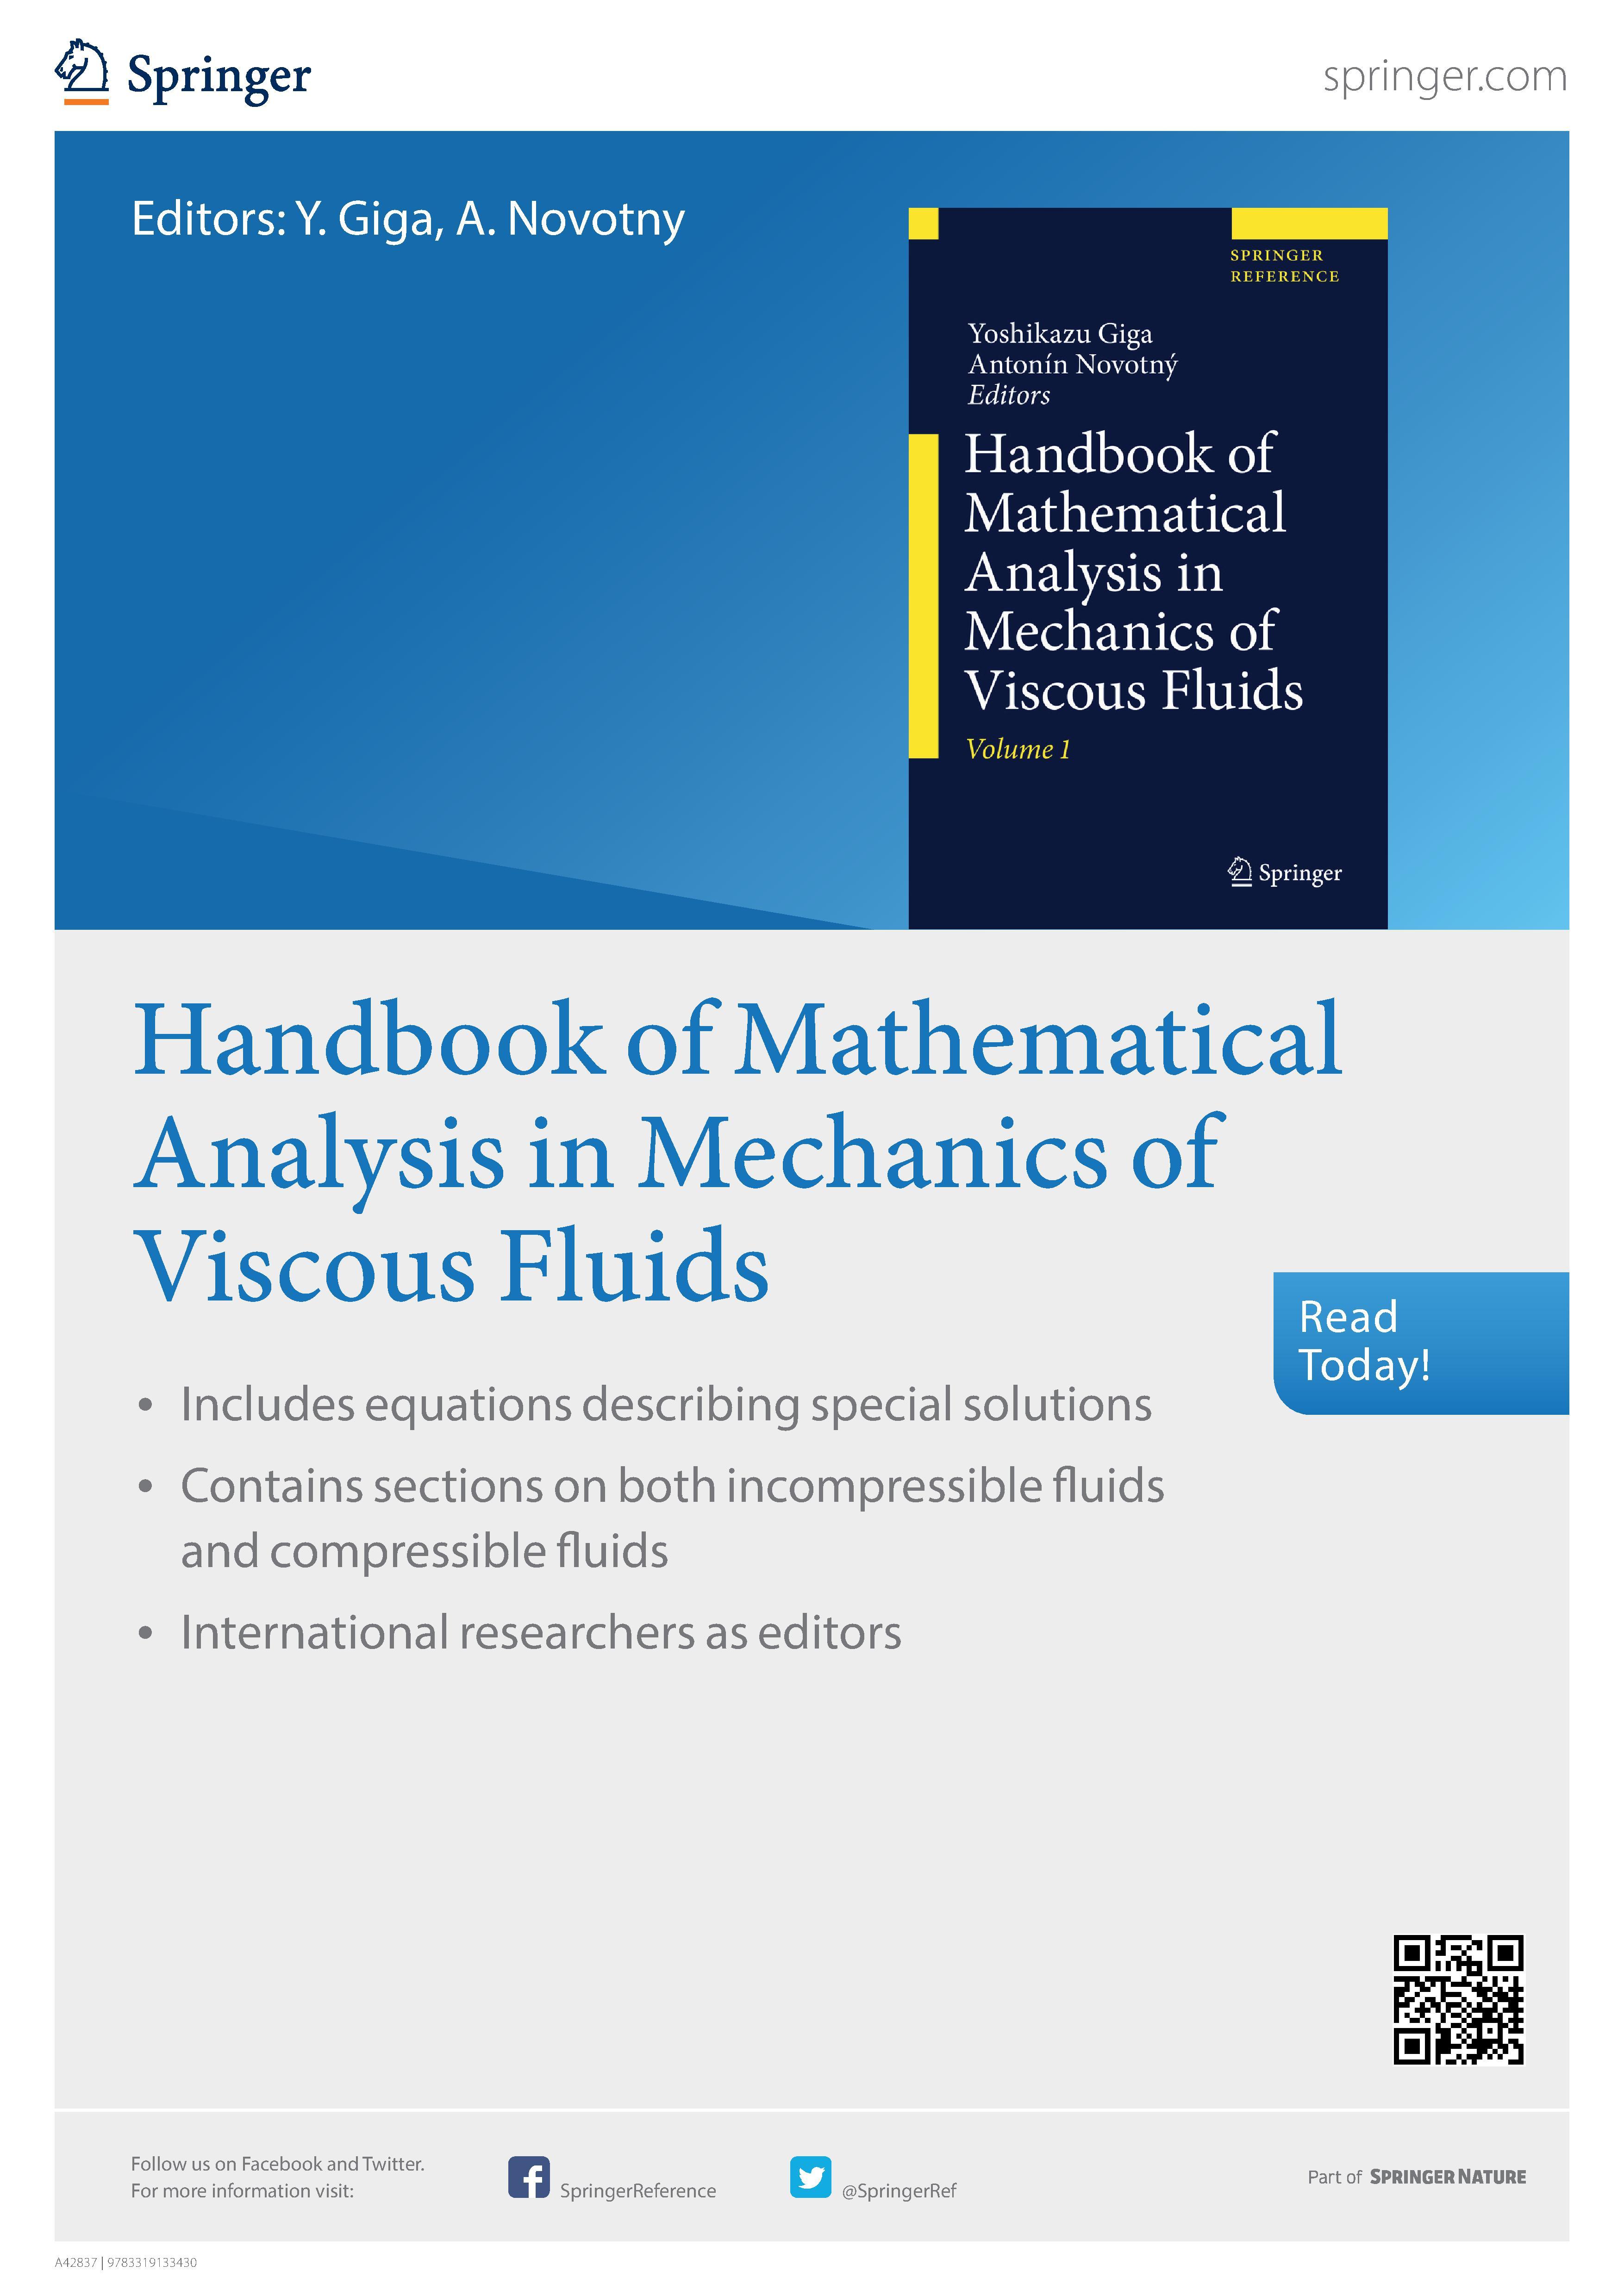 Handbook of Mathematical Analysis in Mechanics of Viscous Fluids